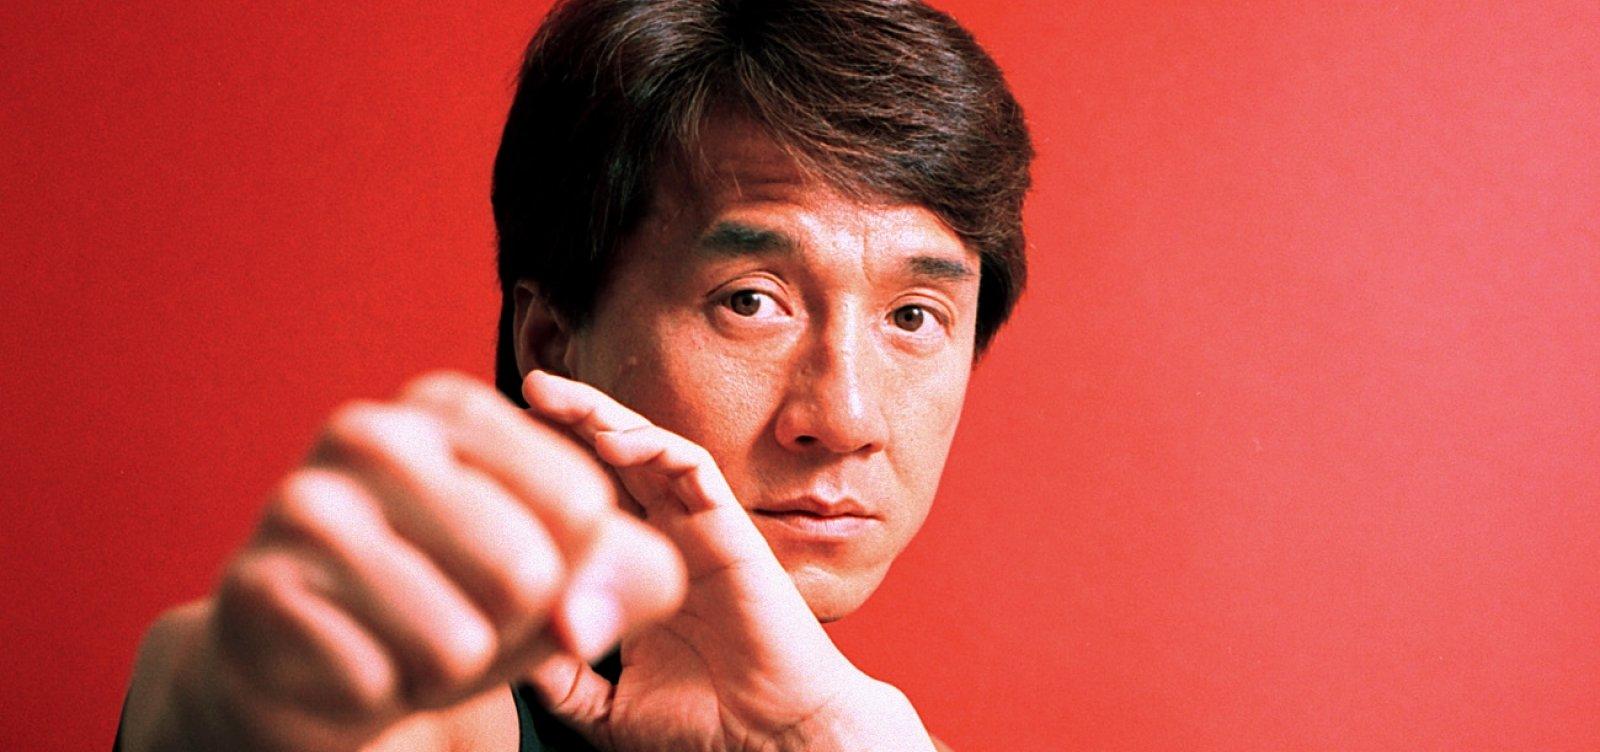 [Jackie Chan revela que quase matou o filho sufocado: 'Eu sou um completo idiota']